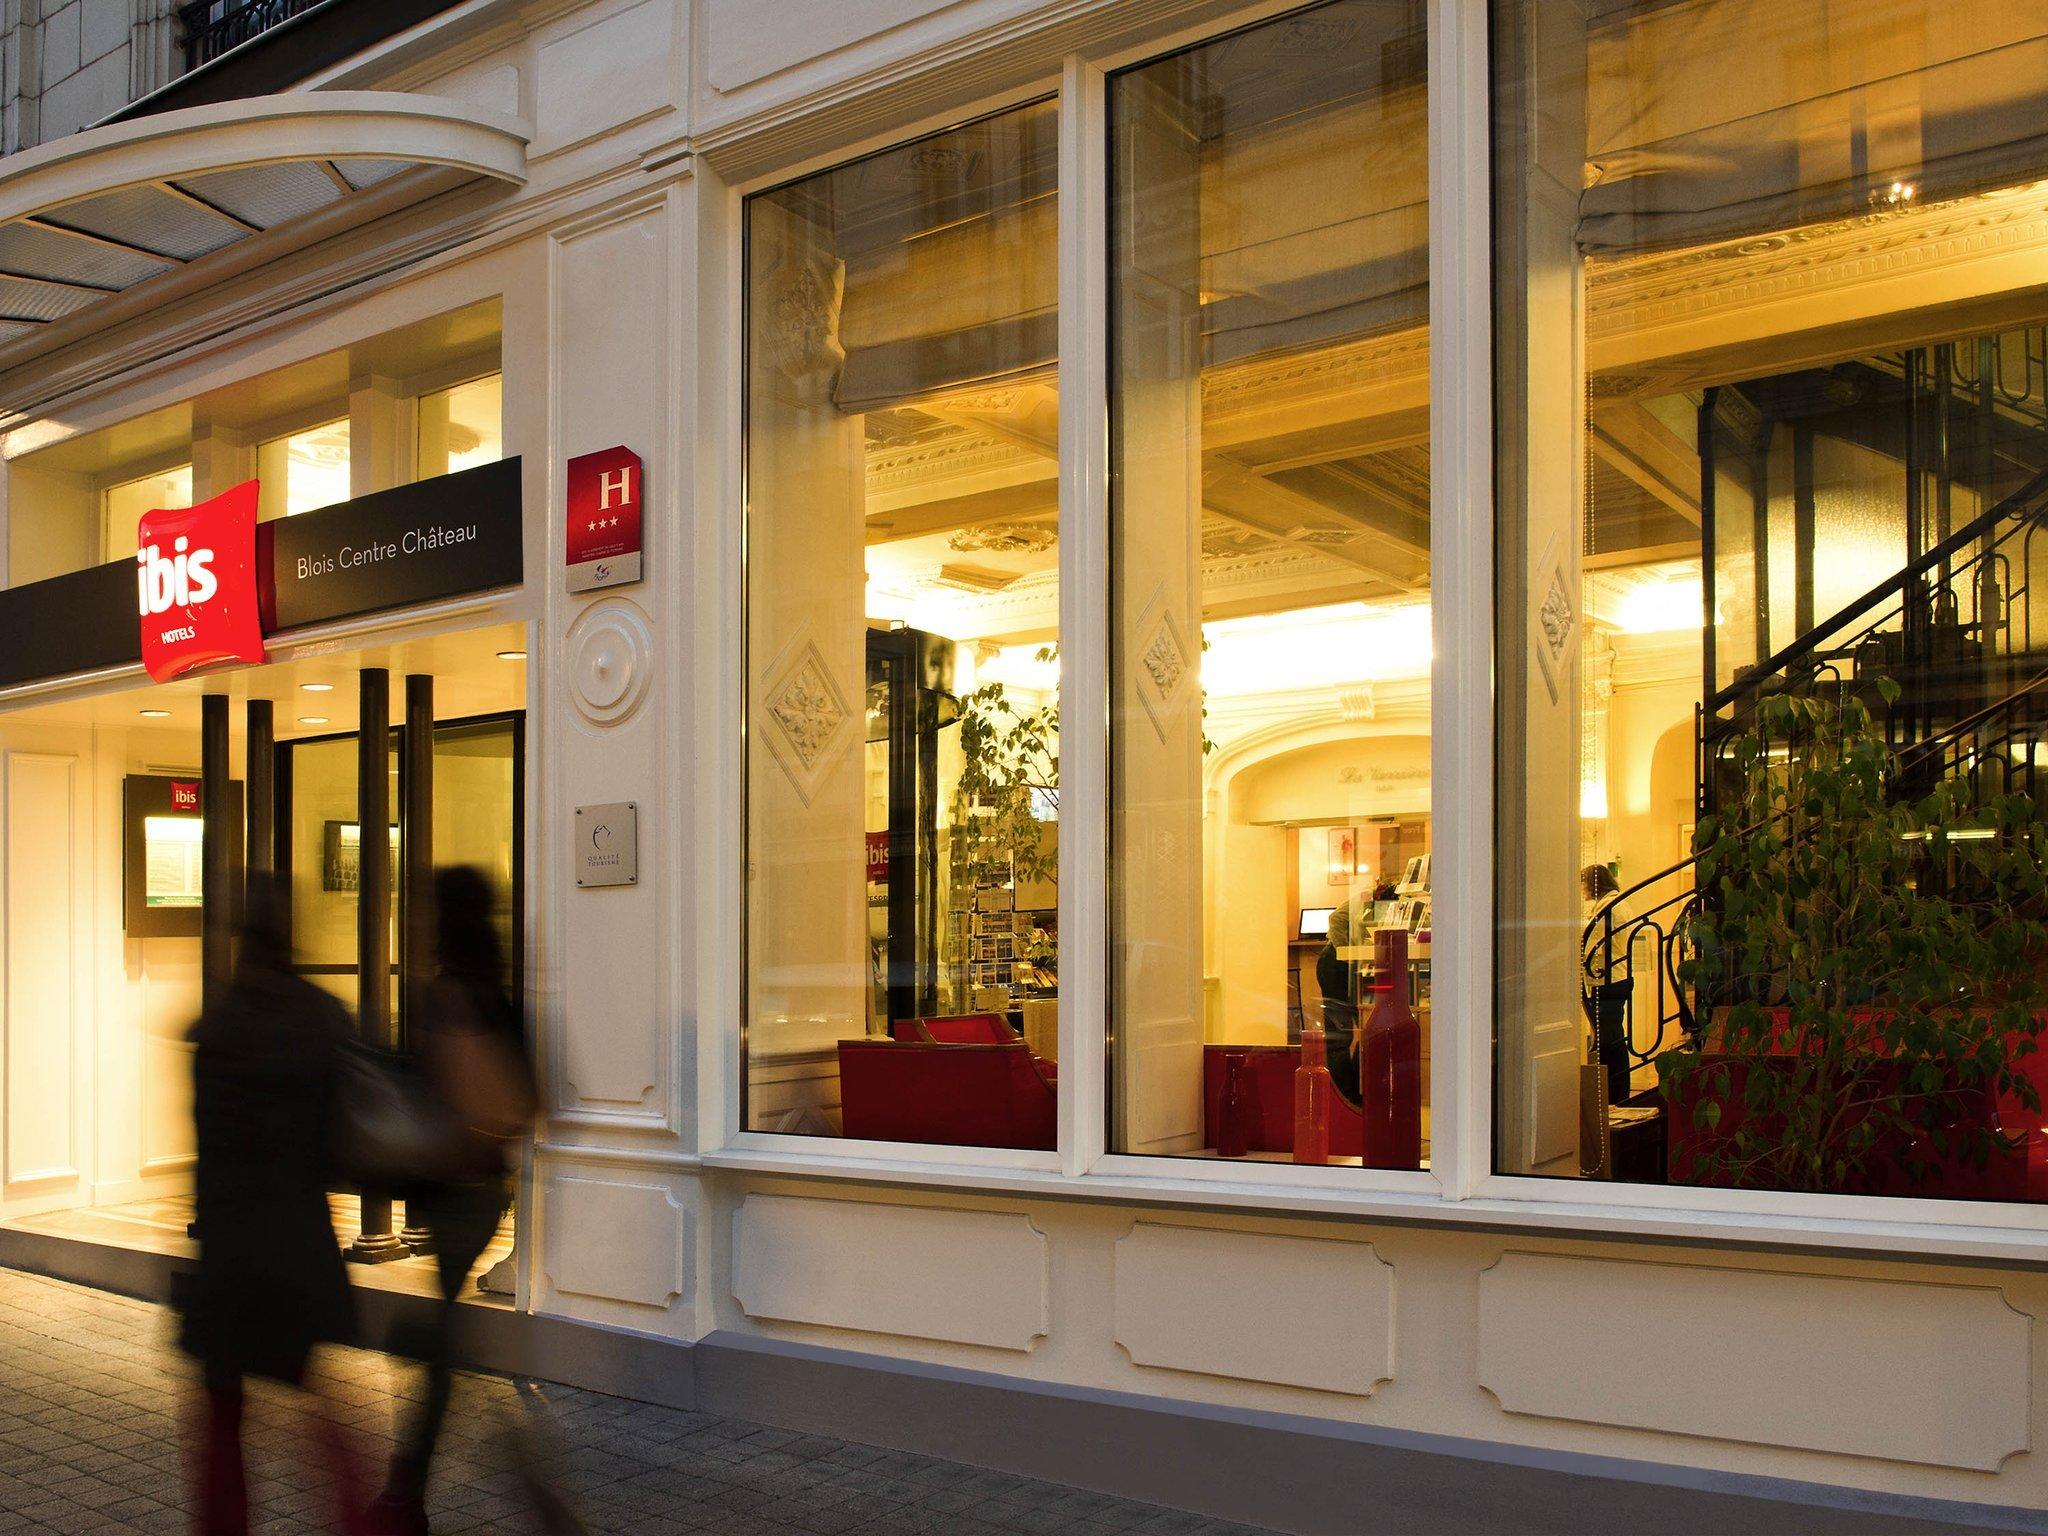 Ibis Blois Centre Chateau